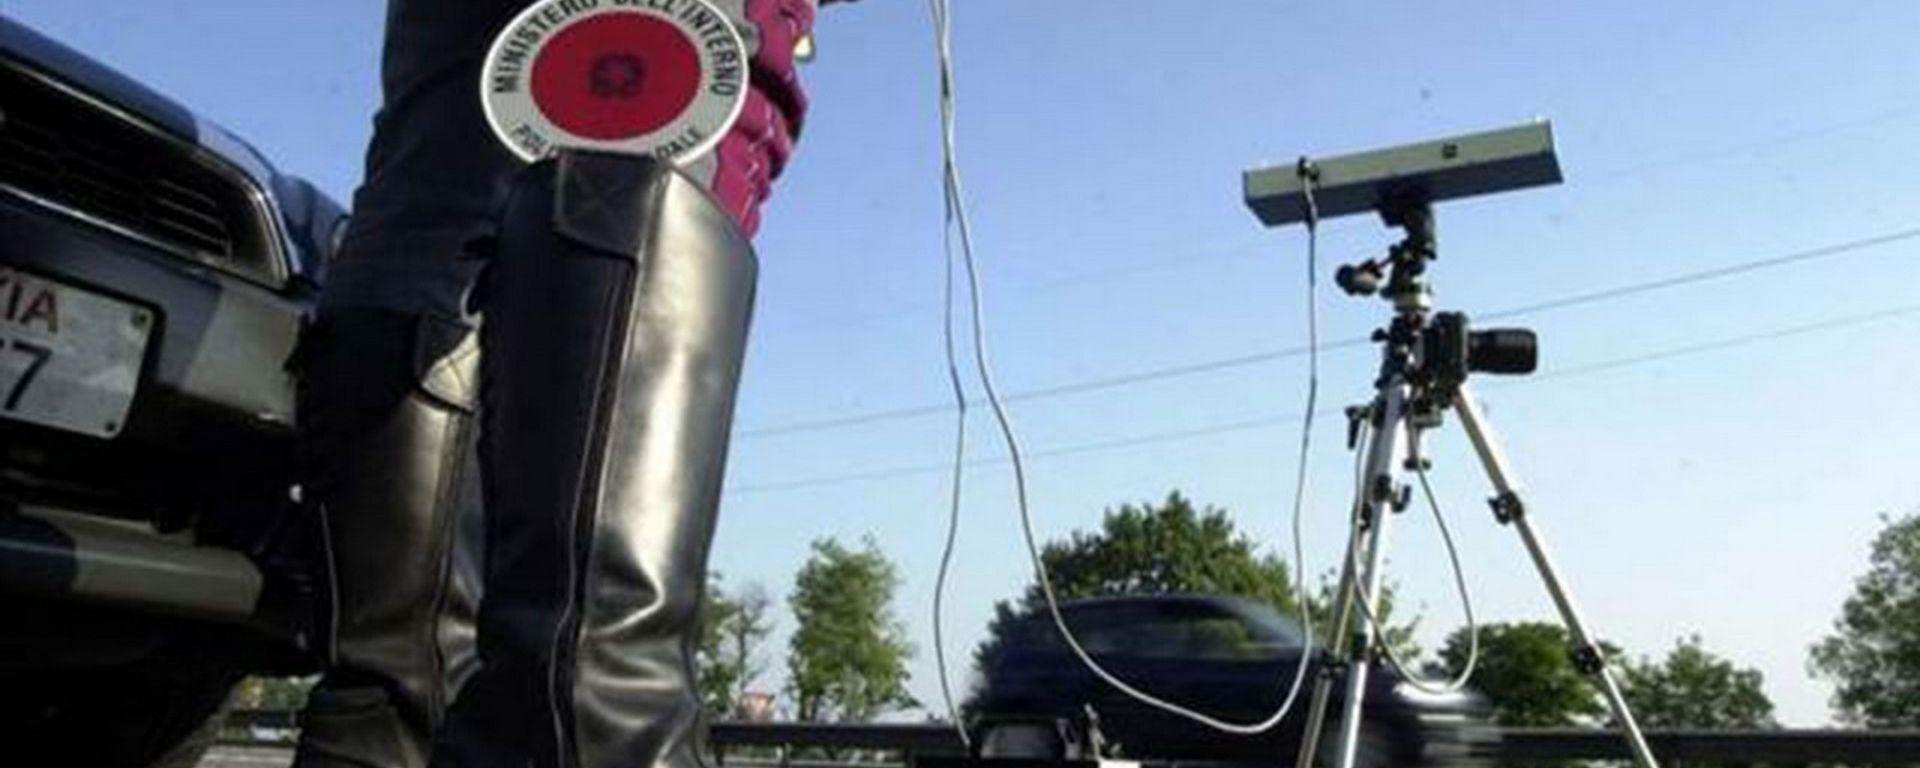 Tutor e autovelox, l'italia sul podio mondiale